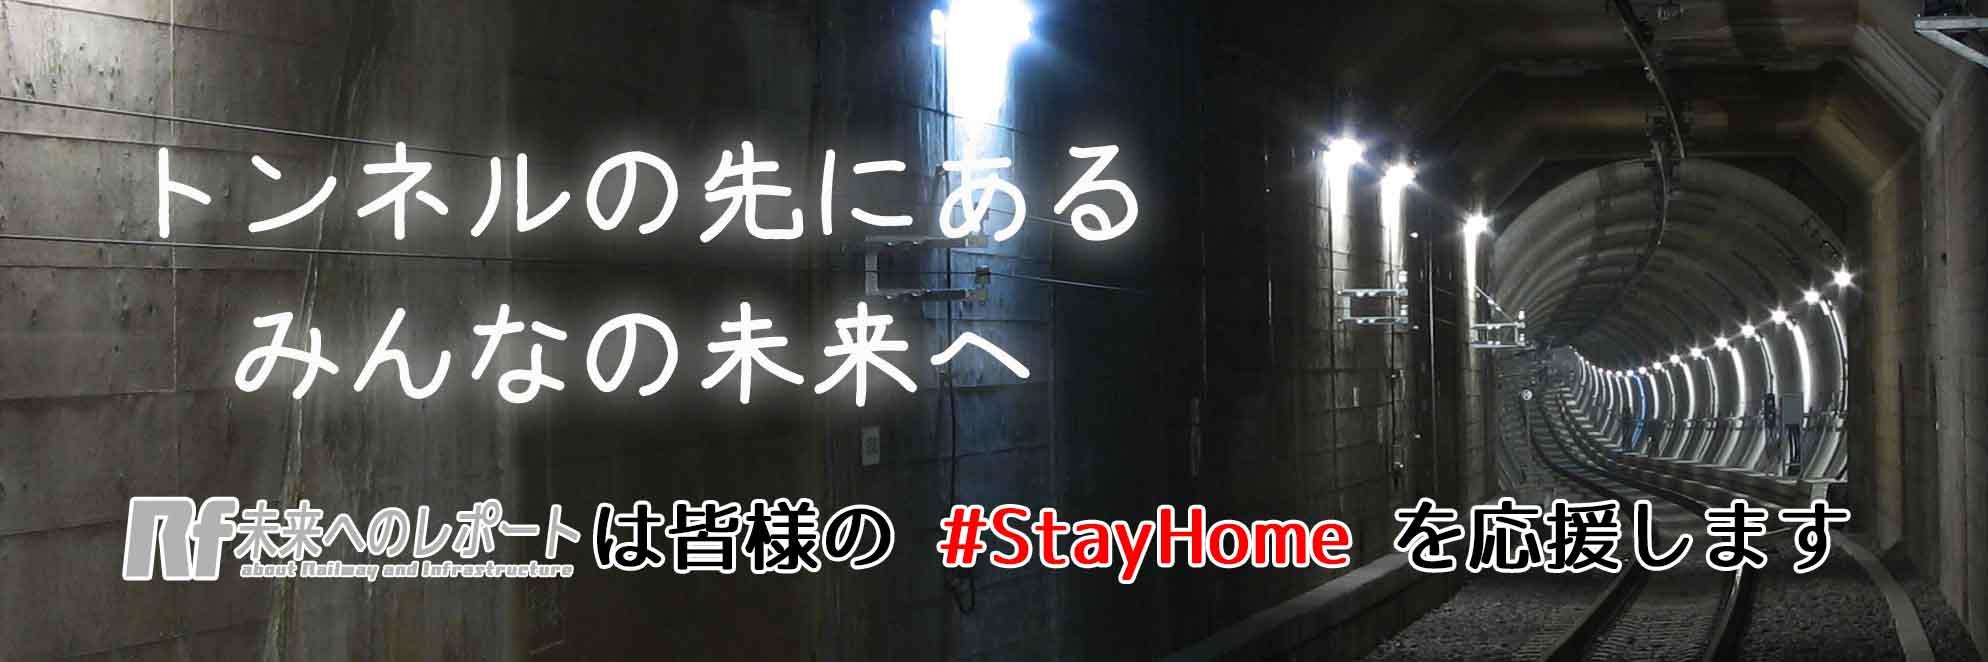 トンネルの先にあるみんなの未来へ~未来へのレポートは皆様の #StayHome を応援します~